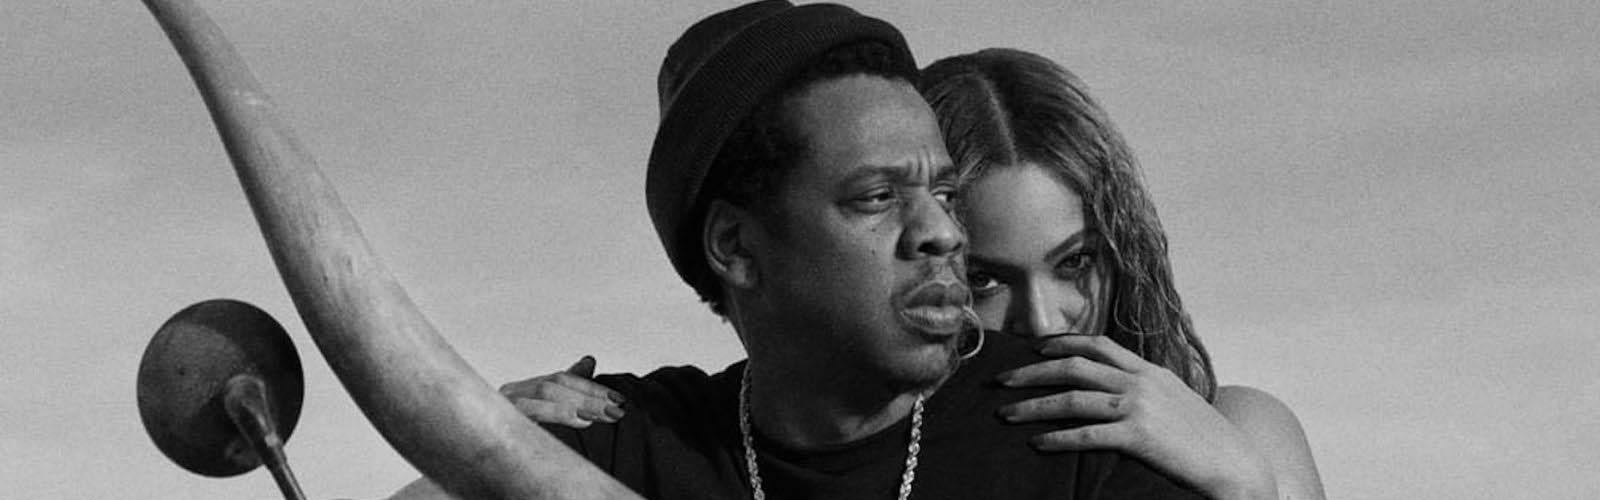 OTR-II-Beyonce-JayZ-1600x997